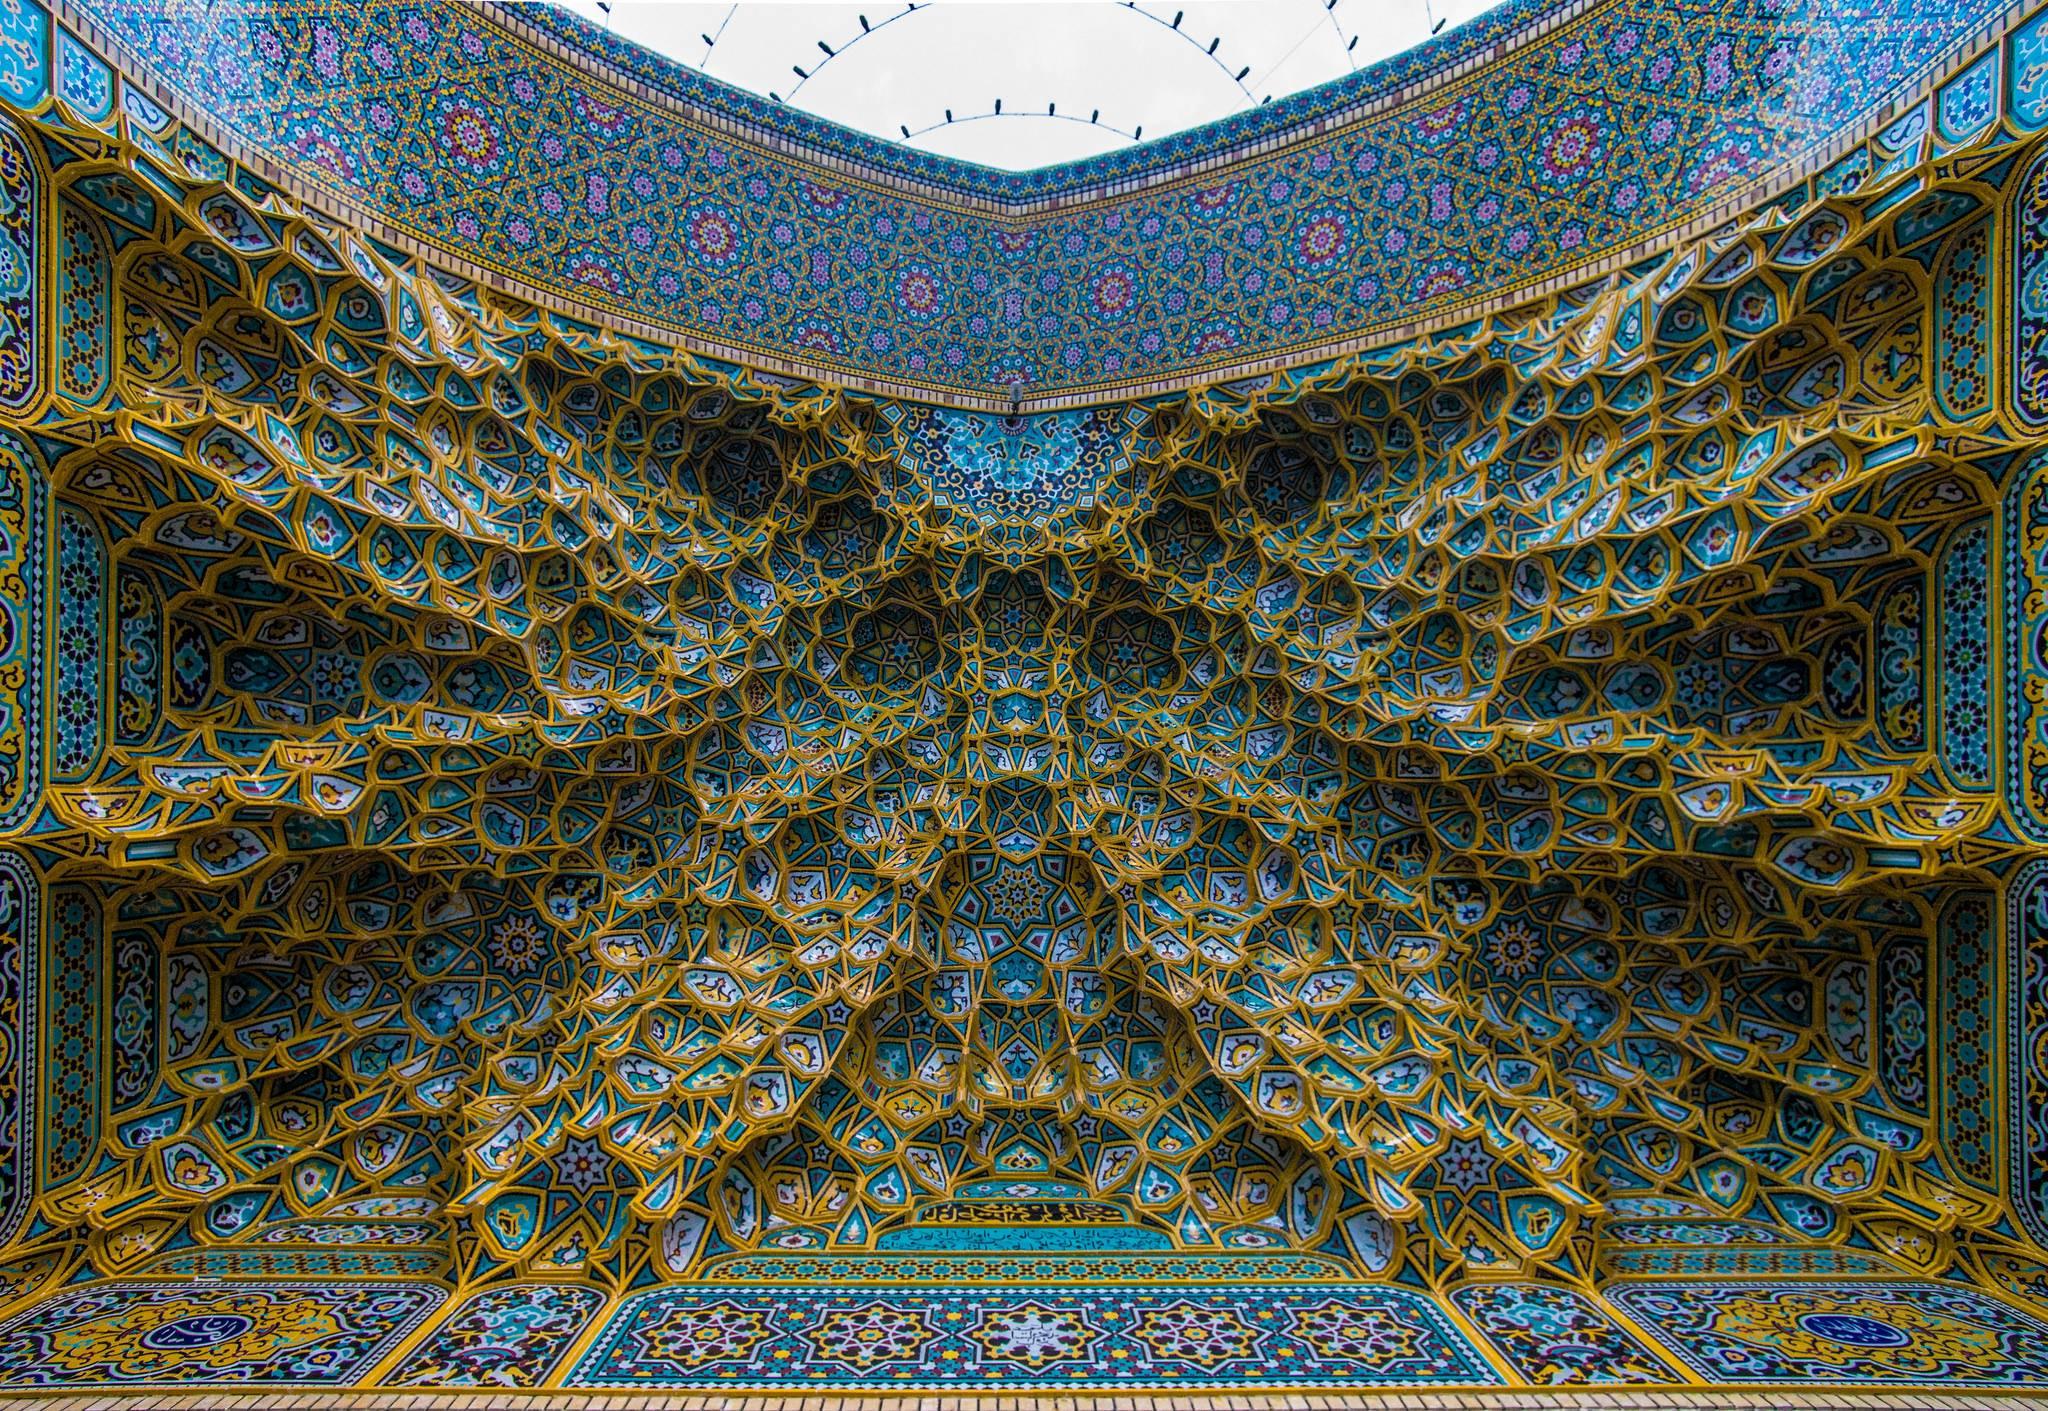 Nhà thờ Hồi giáo rực rỡ nhất thế giới có gì đặc biệt? Ảnh 9